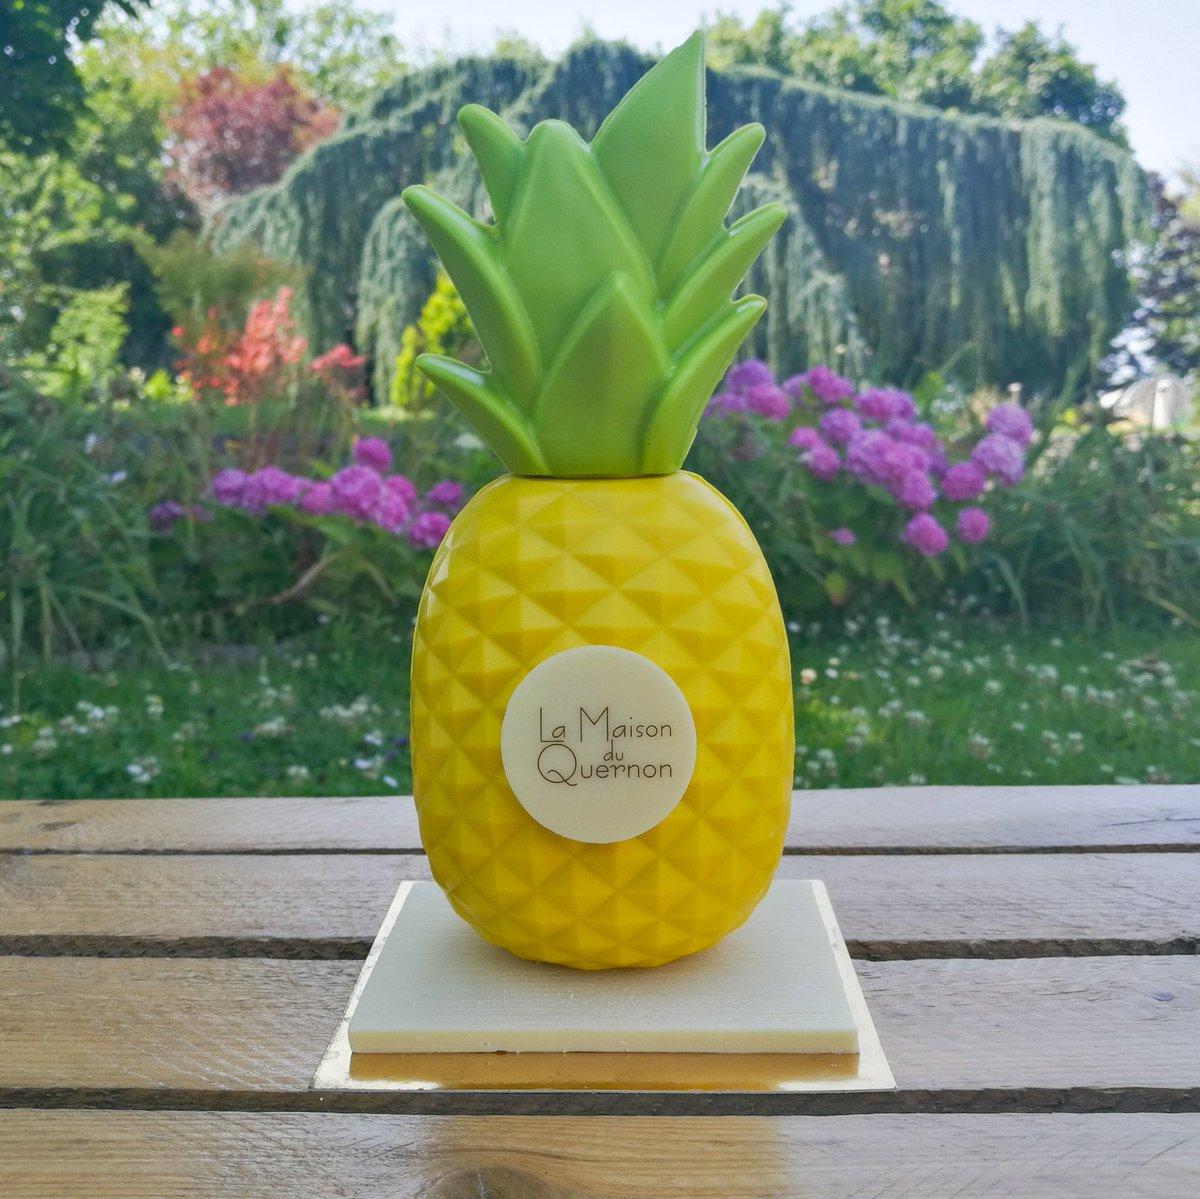 Sur mon blog, découvrez la magnifique collection estivale de La @MaisonDuQuernon 🍍 Au programme : ananas, cactus et combi en chocolat 🍫 #angers #summer #chocolat #artisan https://t.co/vREoF603sH